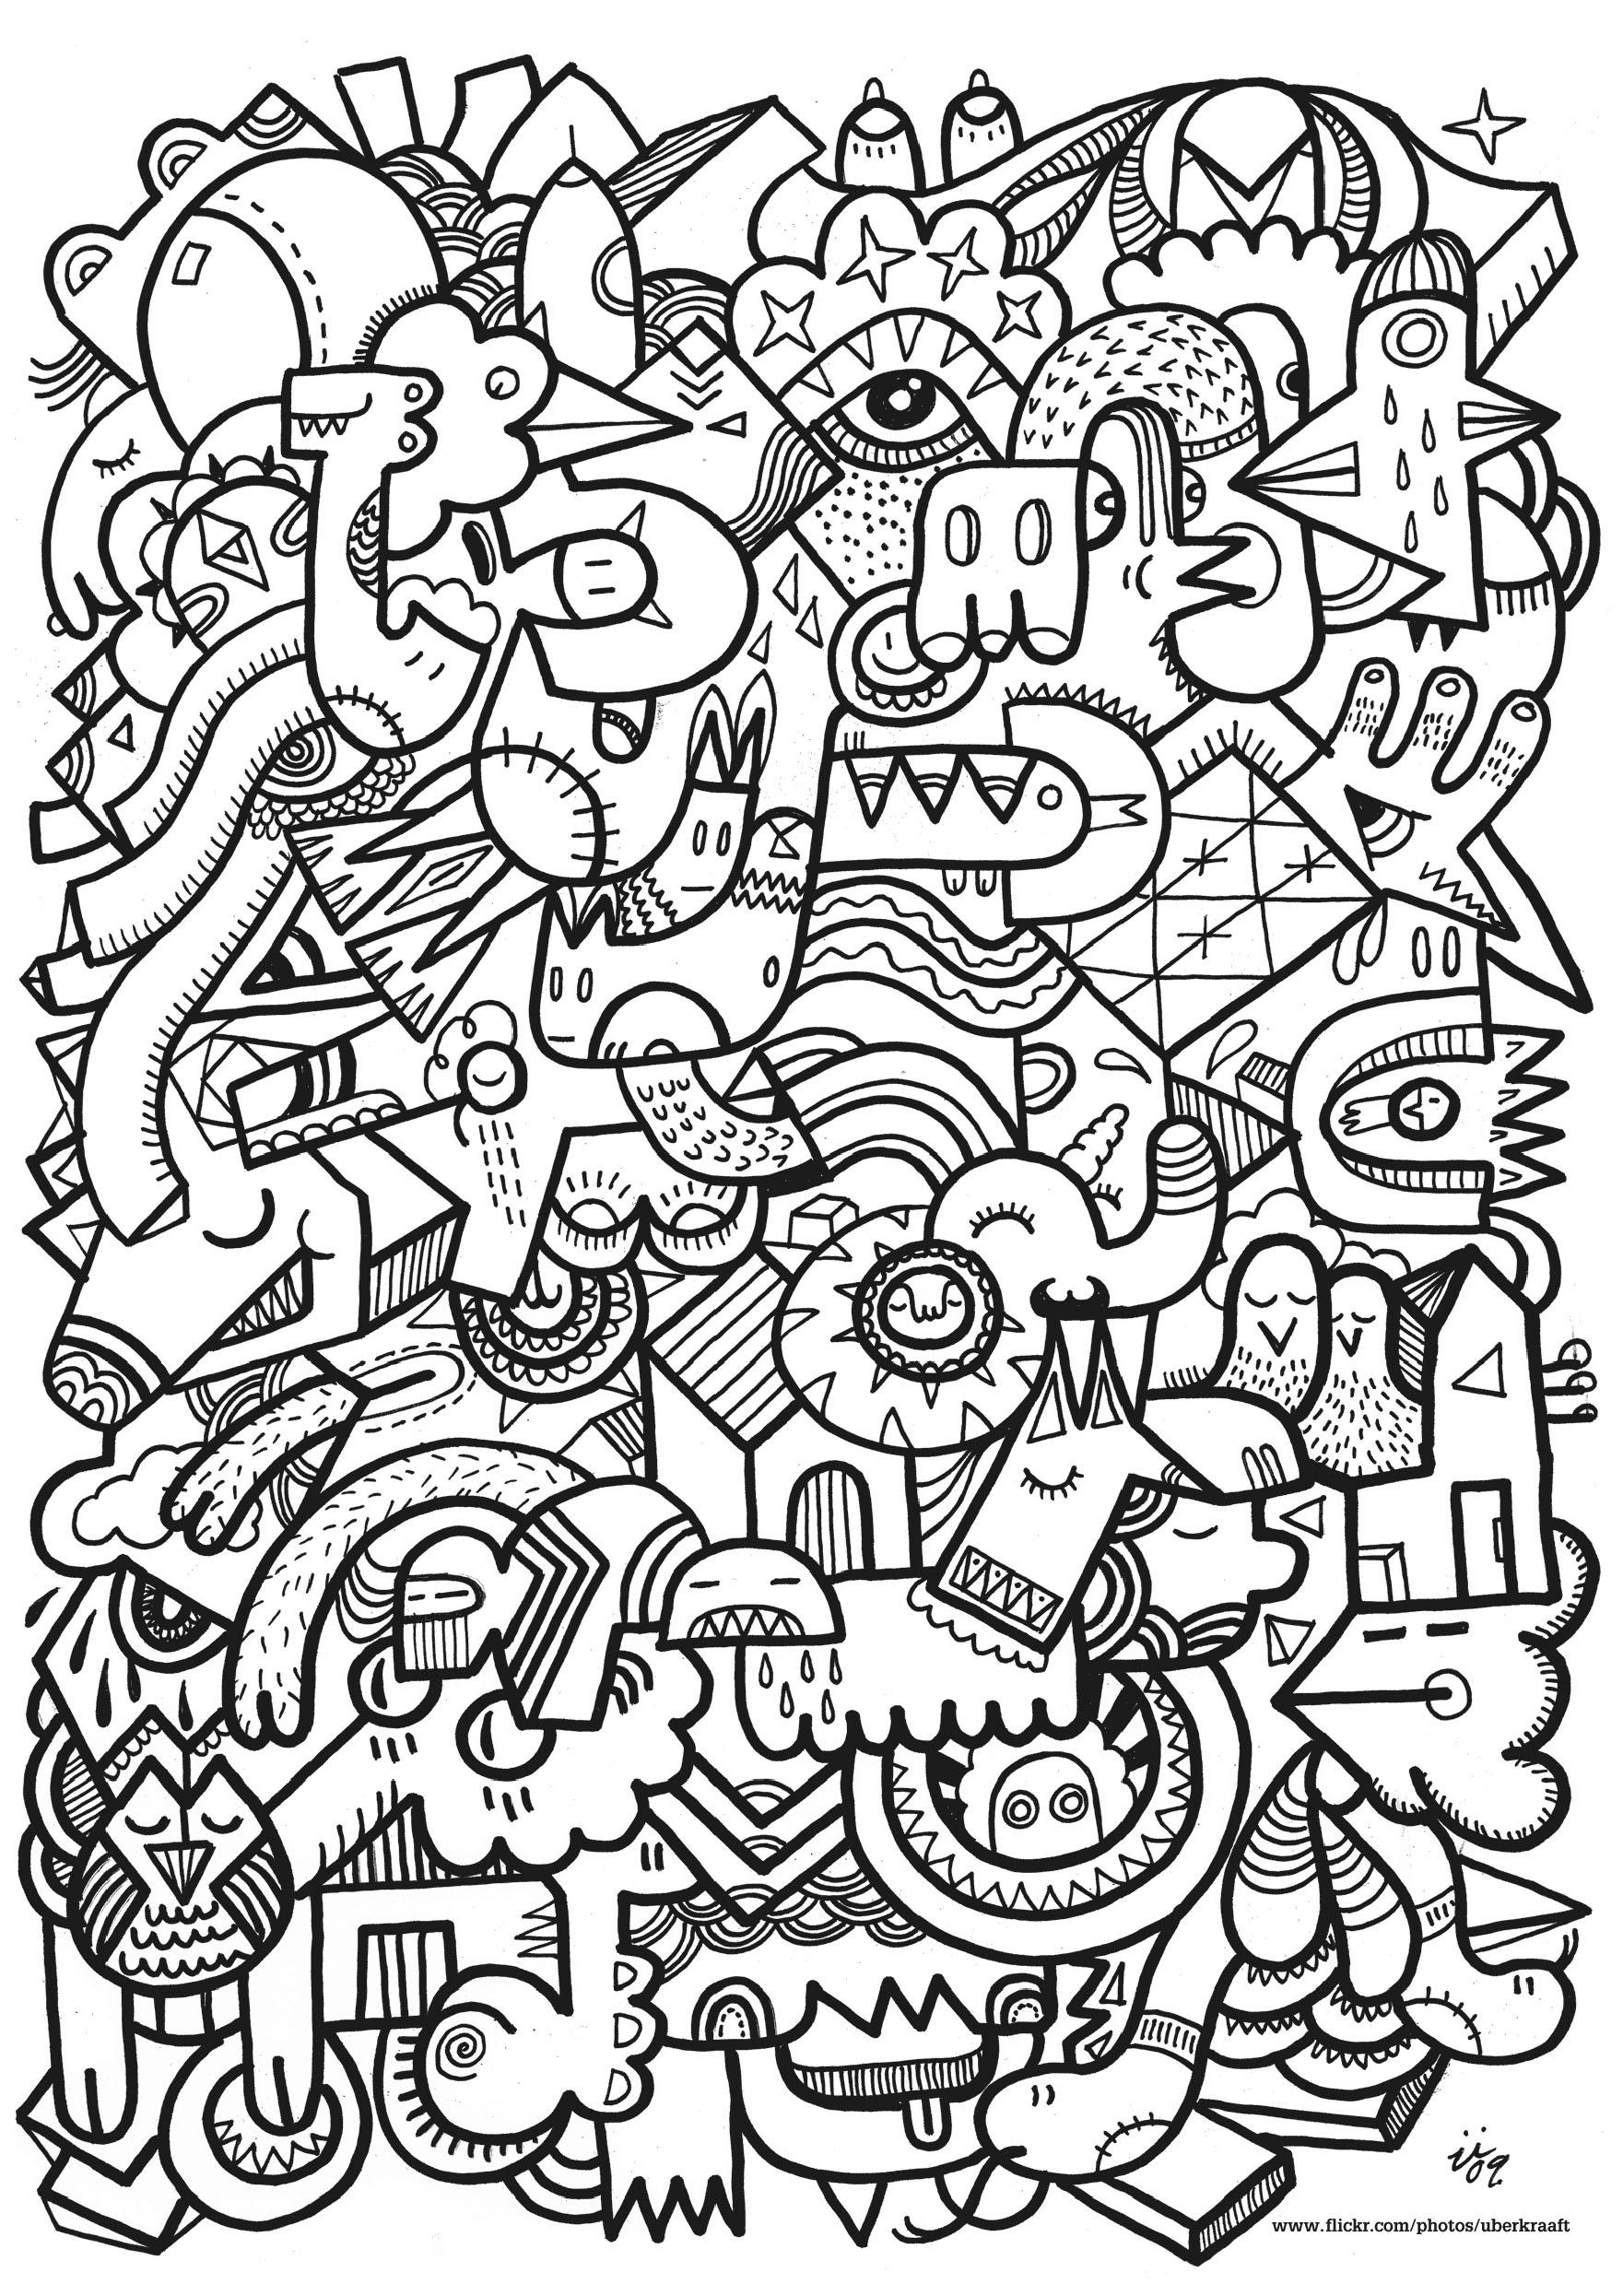 Une vraie oeuvre d art Superbe dessin tr¨s inspiré  colorier niveau plexe